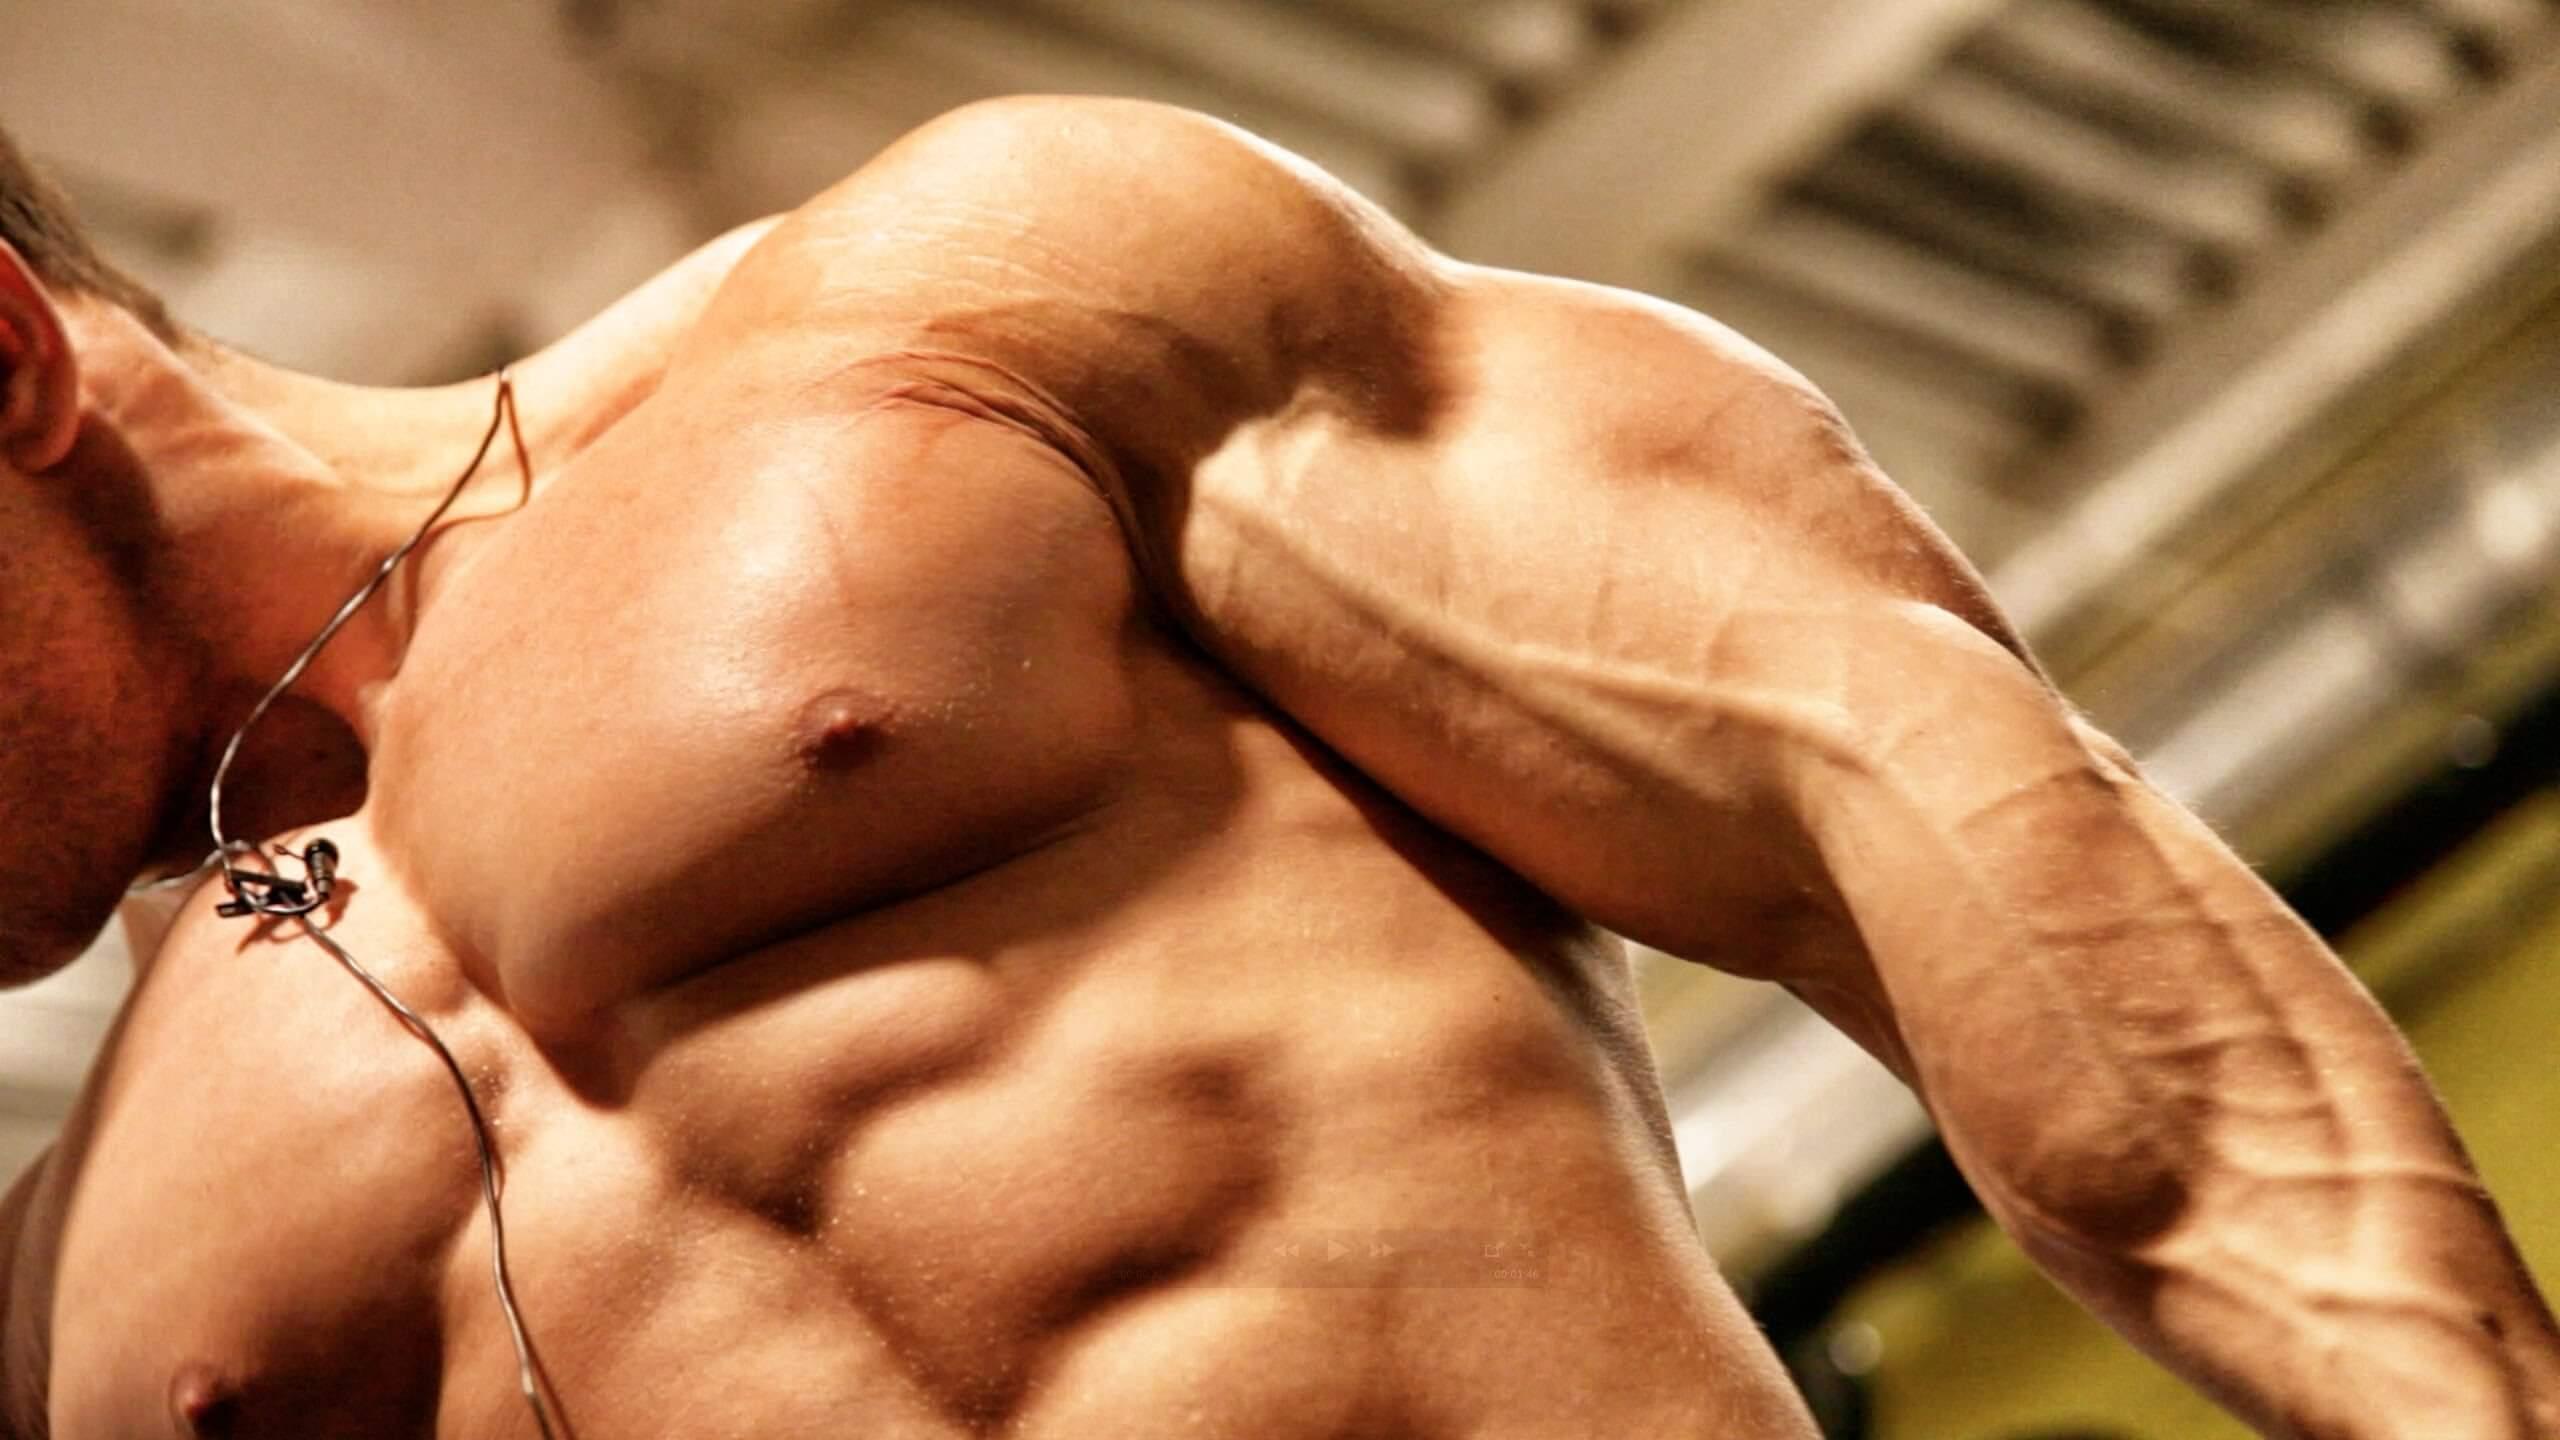 одну красивые руки качков фото жилплощадь пусть